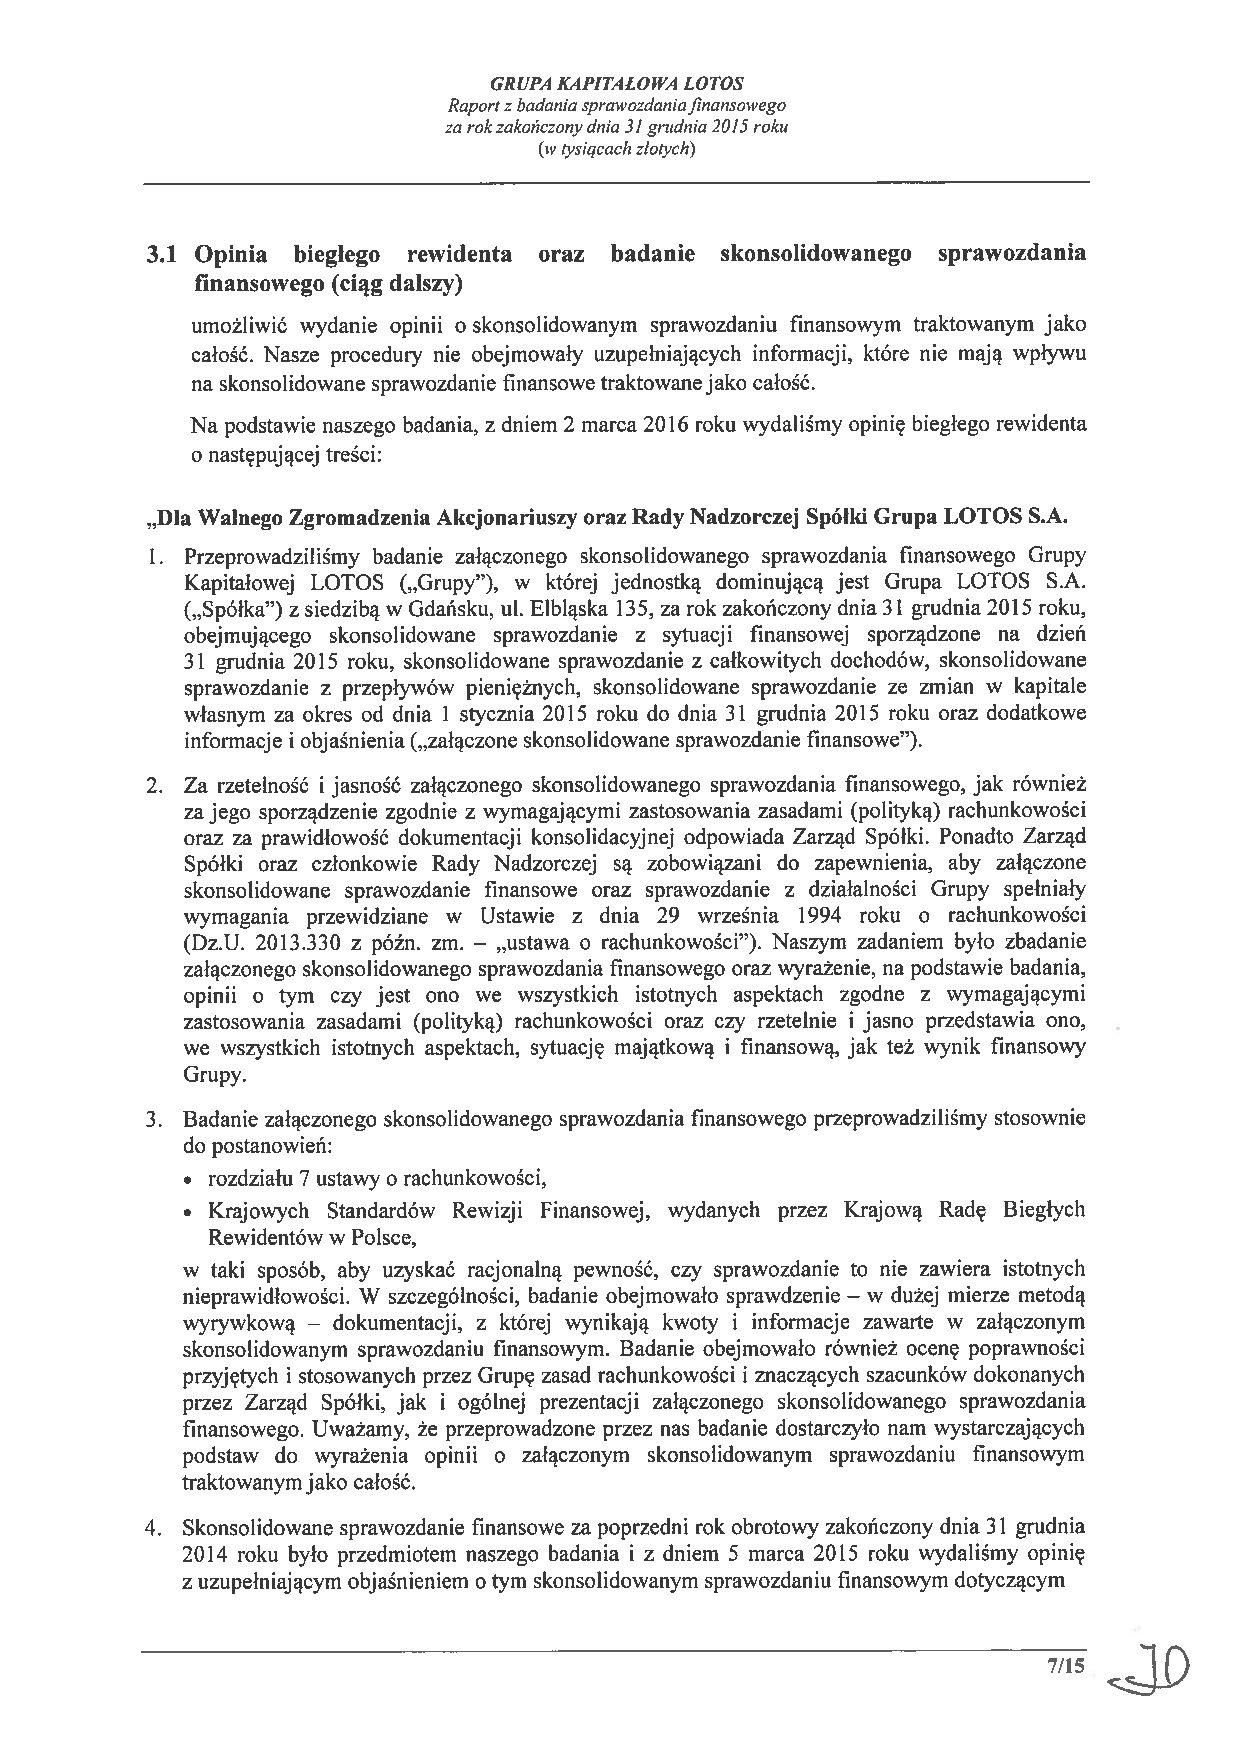 Grupa Kapitalowa LOTOS 2015 - Raport audytora z badania Skonsolidowanego Sprawozdania Finansowego strona 7